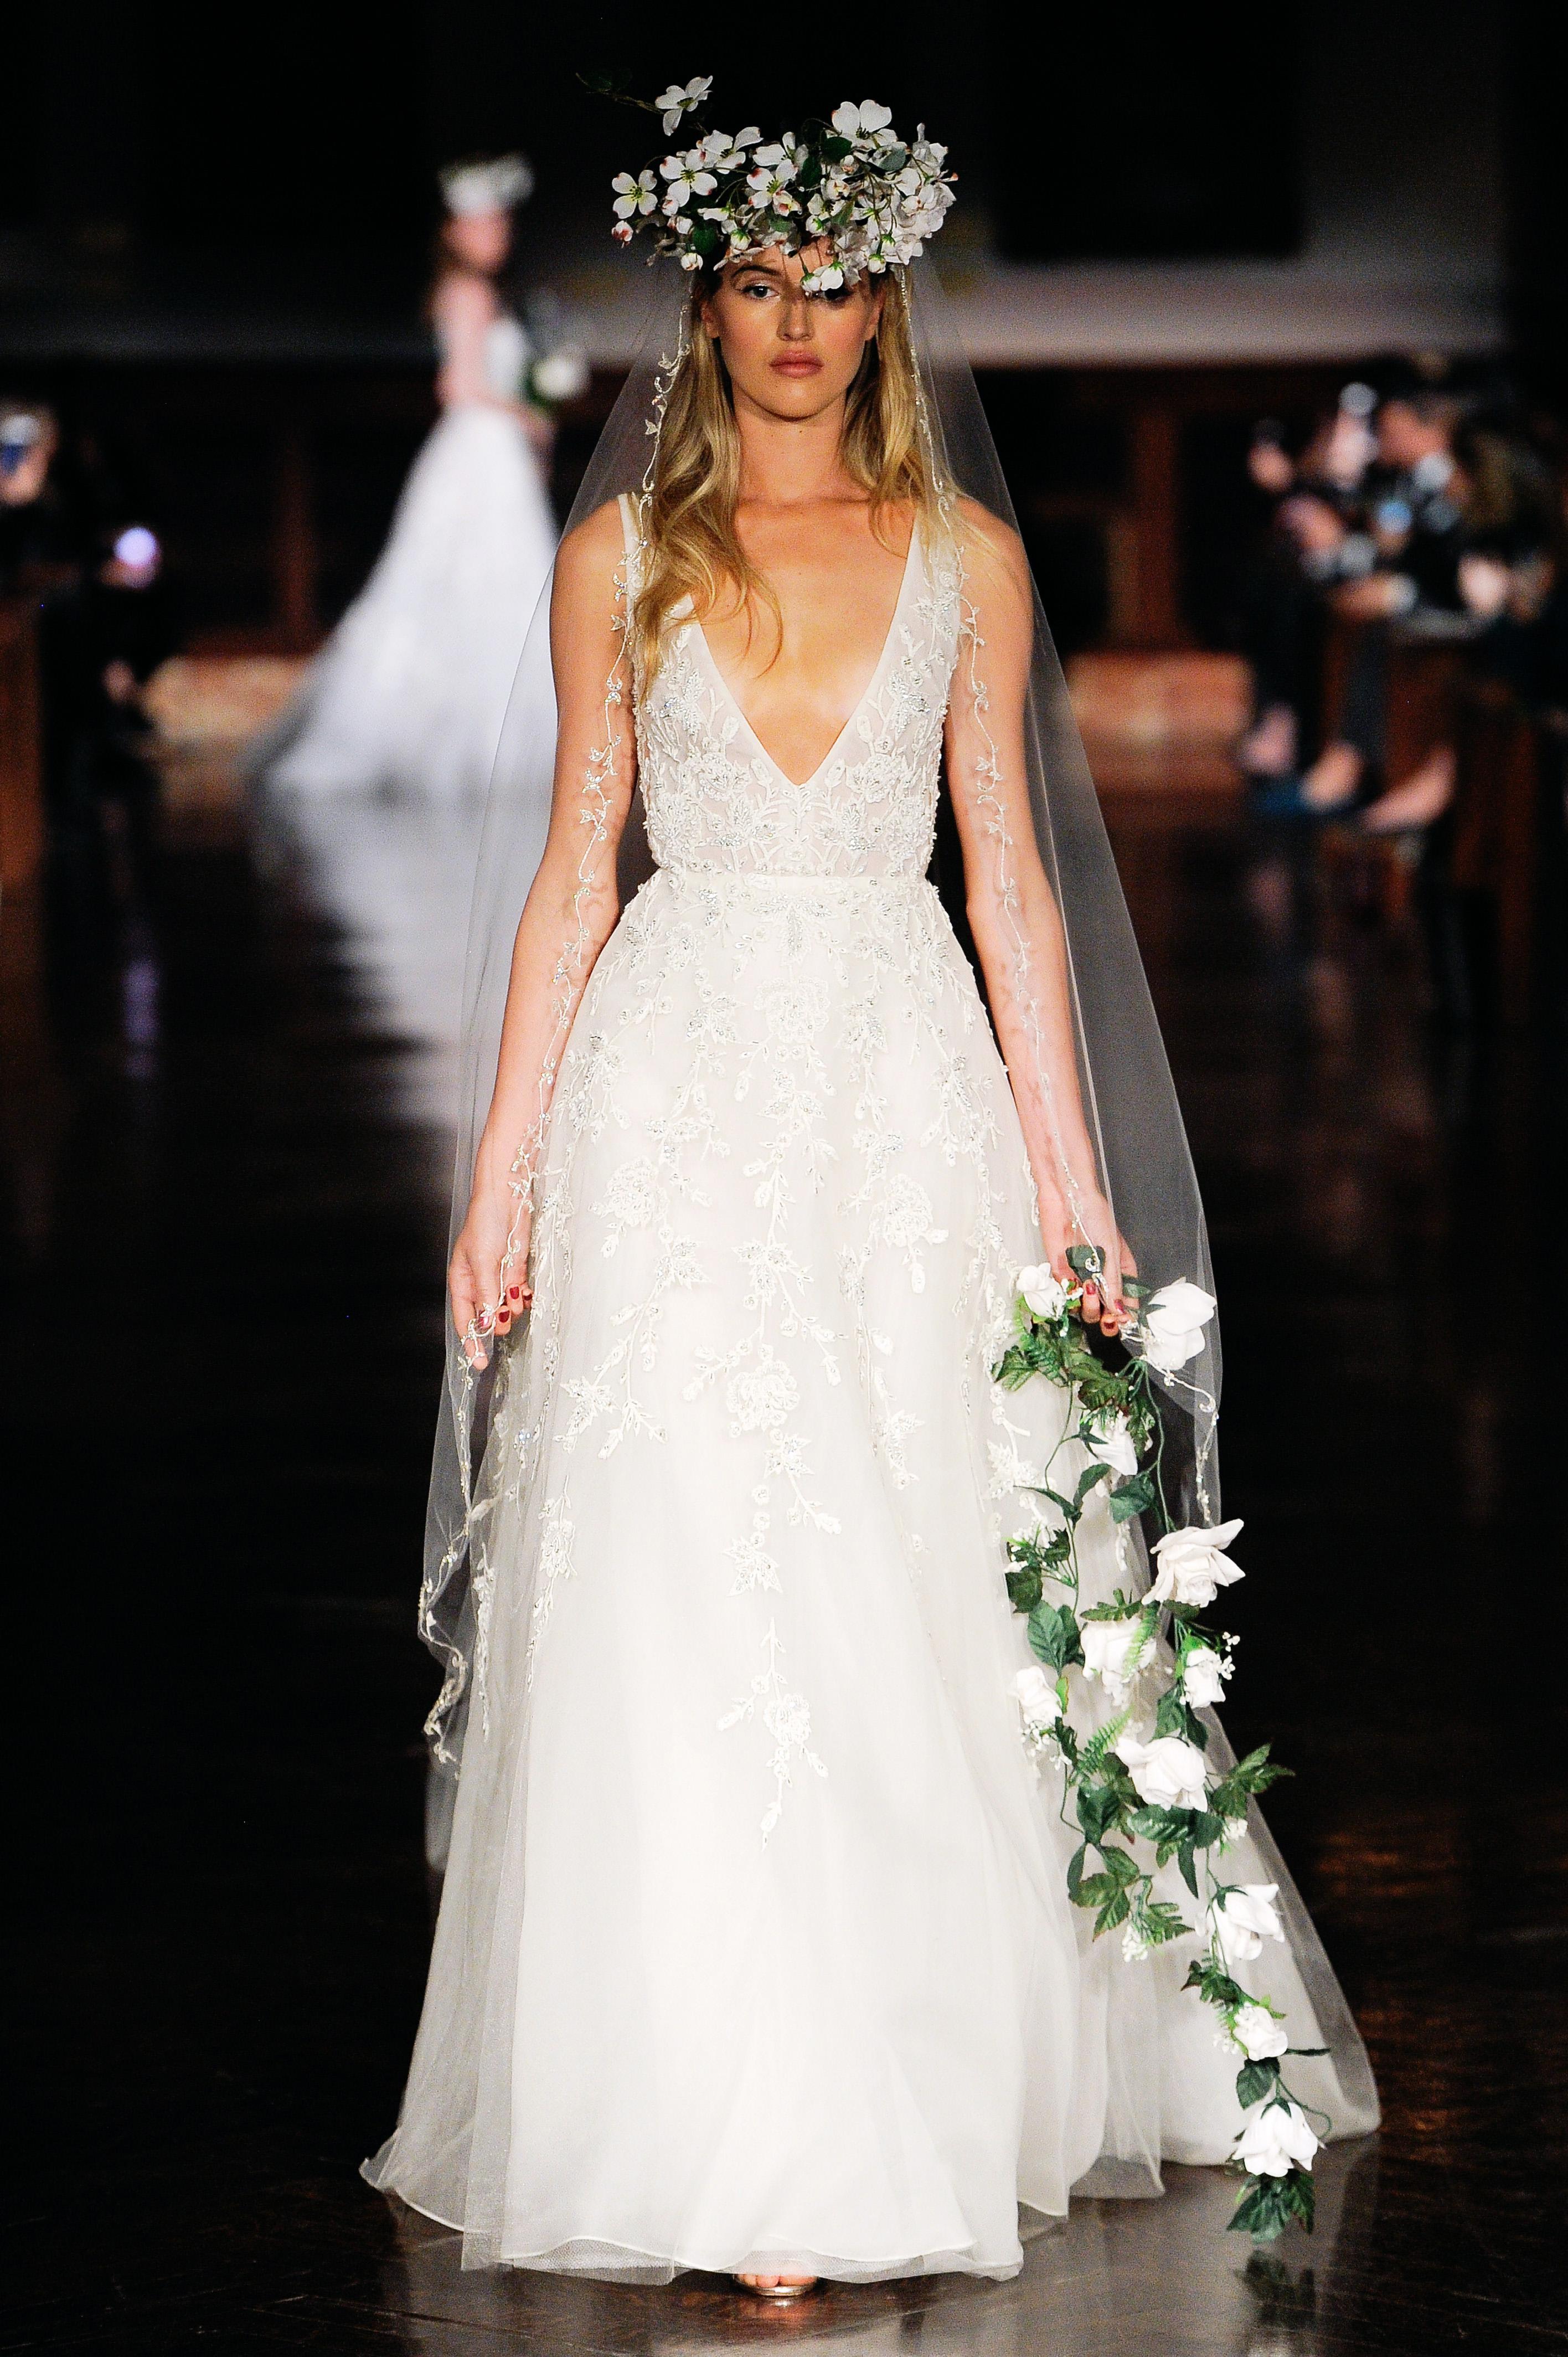 reem acra wedding dress spring 2019 v-neck sleeveless a-line